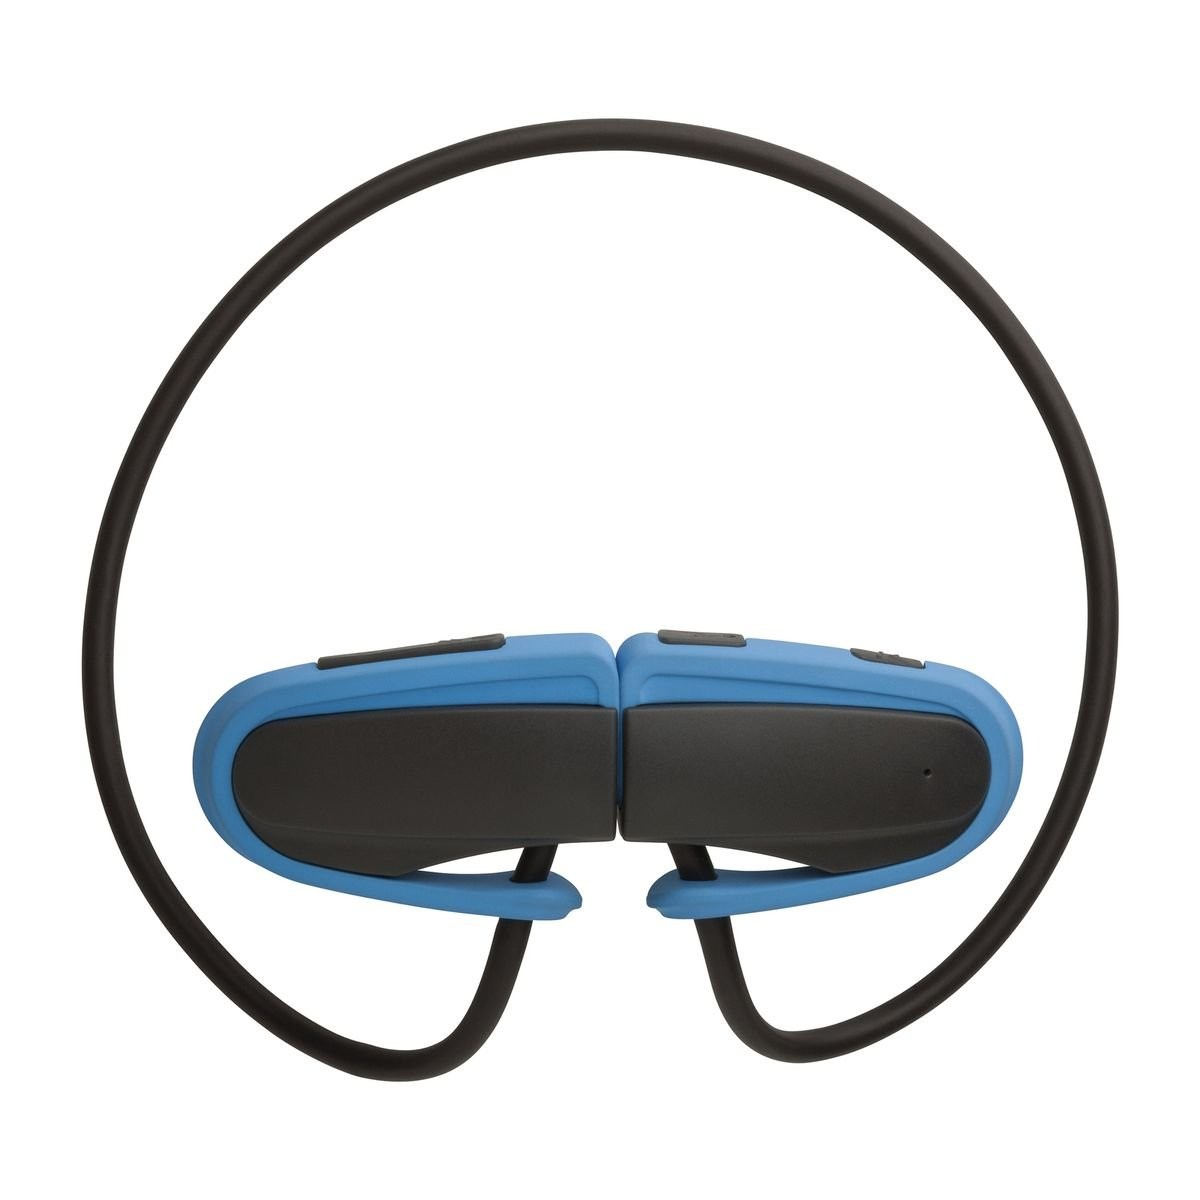 Kopfhörer mit Bluetooth® Technologie REFLECTS-BIDDEFORD BLACK LIGHT BLUE, Ansicht 2